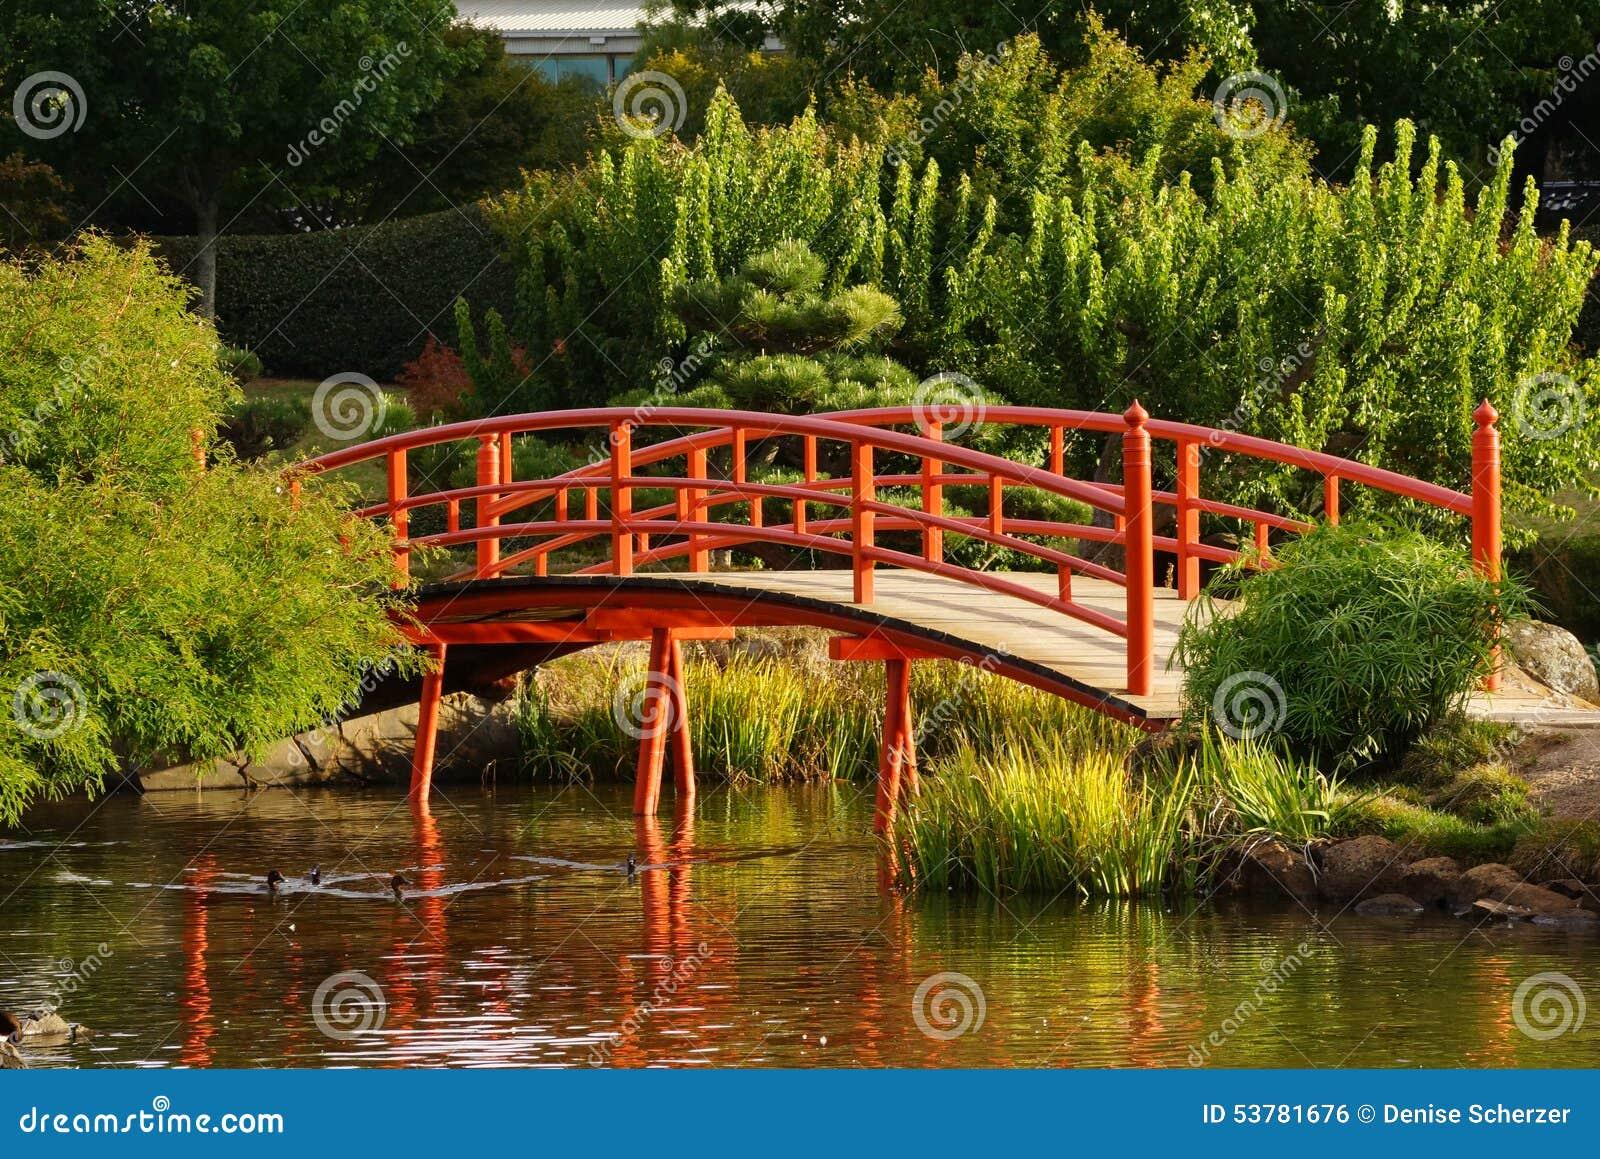 decorating japanese garden bridge